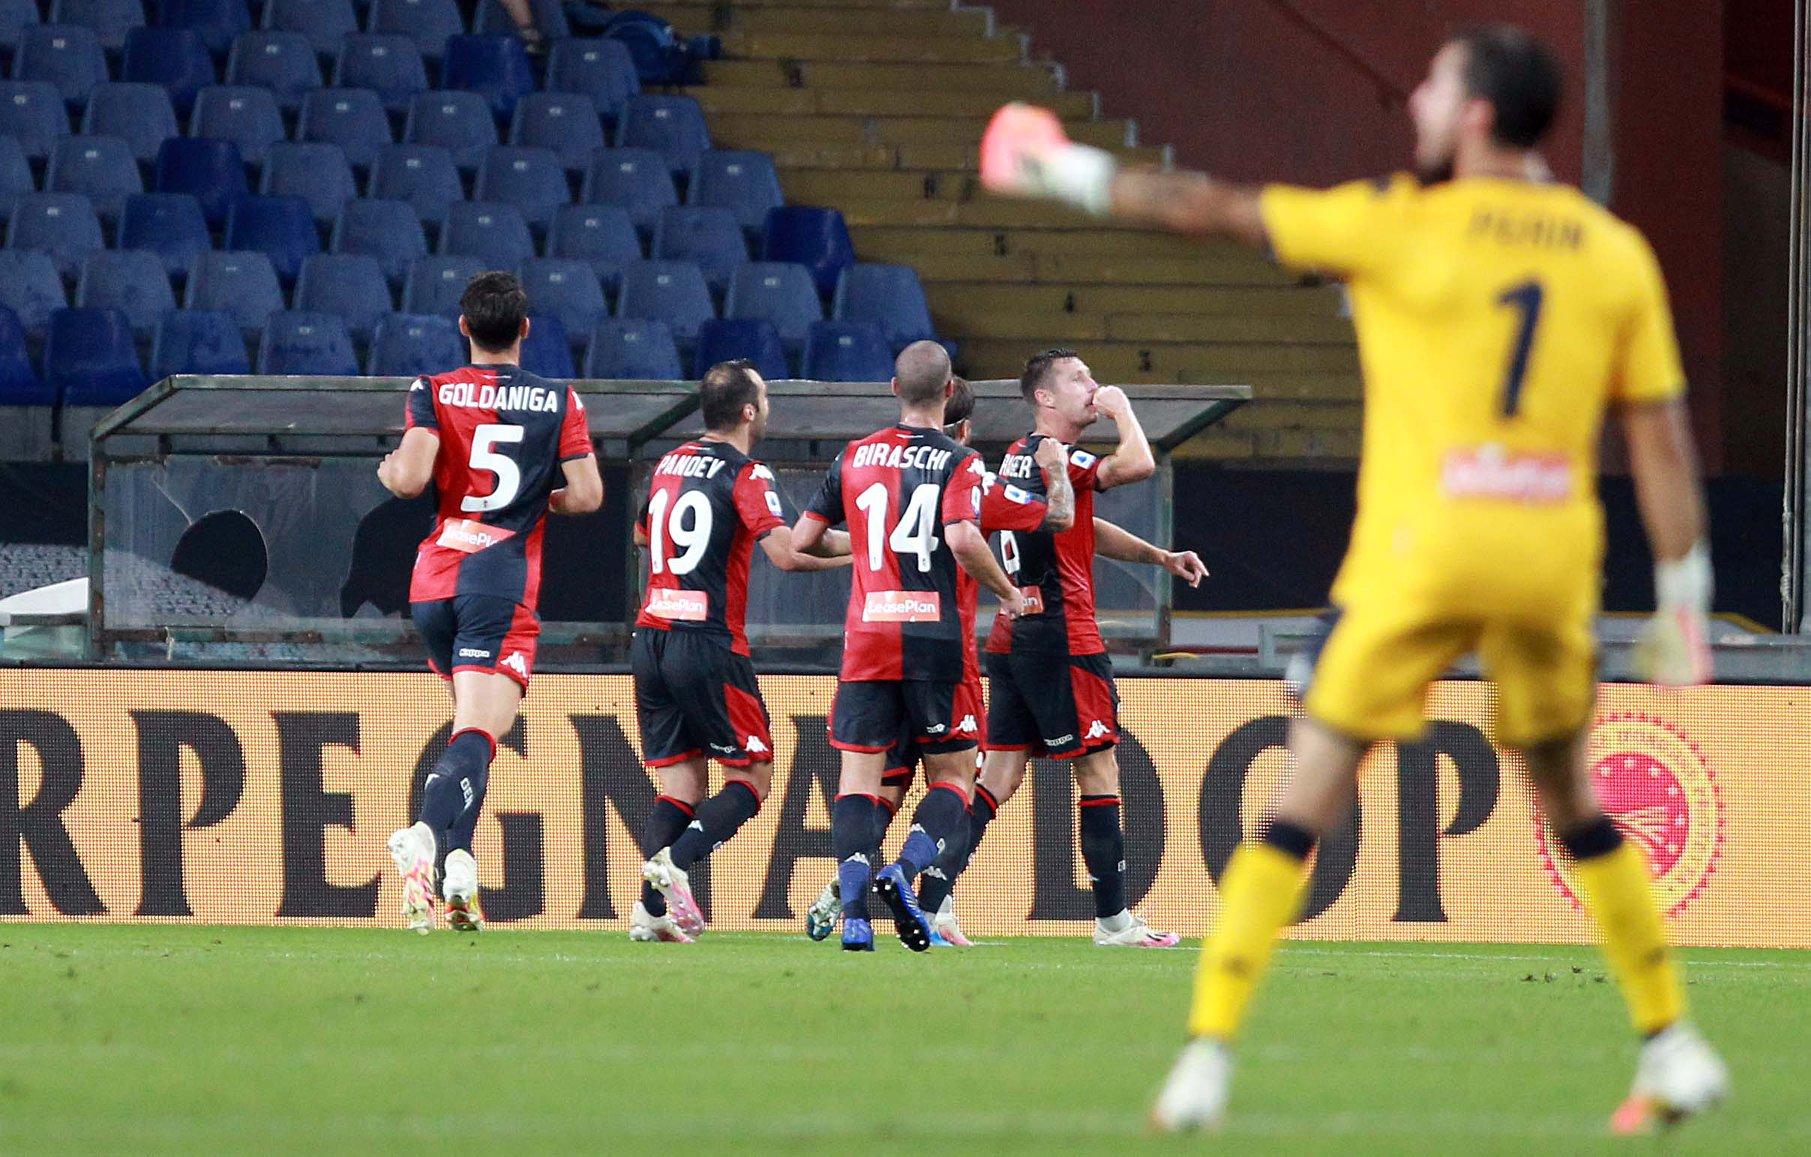 Serie A, le probabili formazioni di Genoa-Inter: Lautaro ancora in dubbio